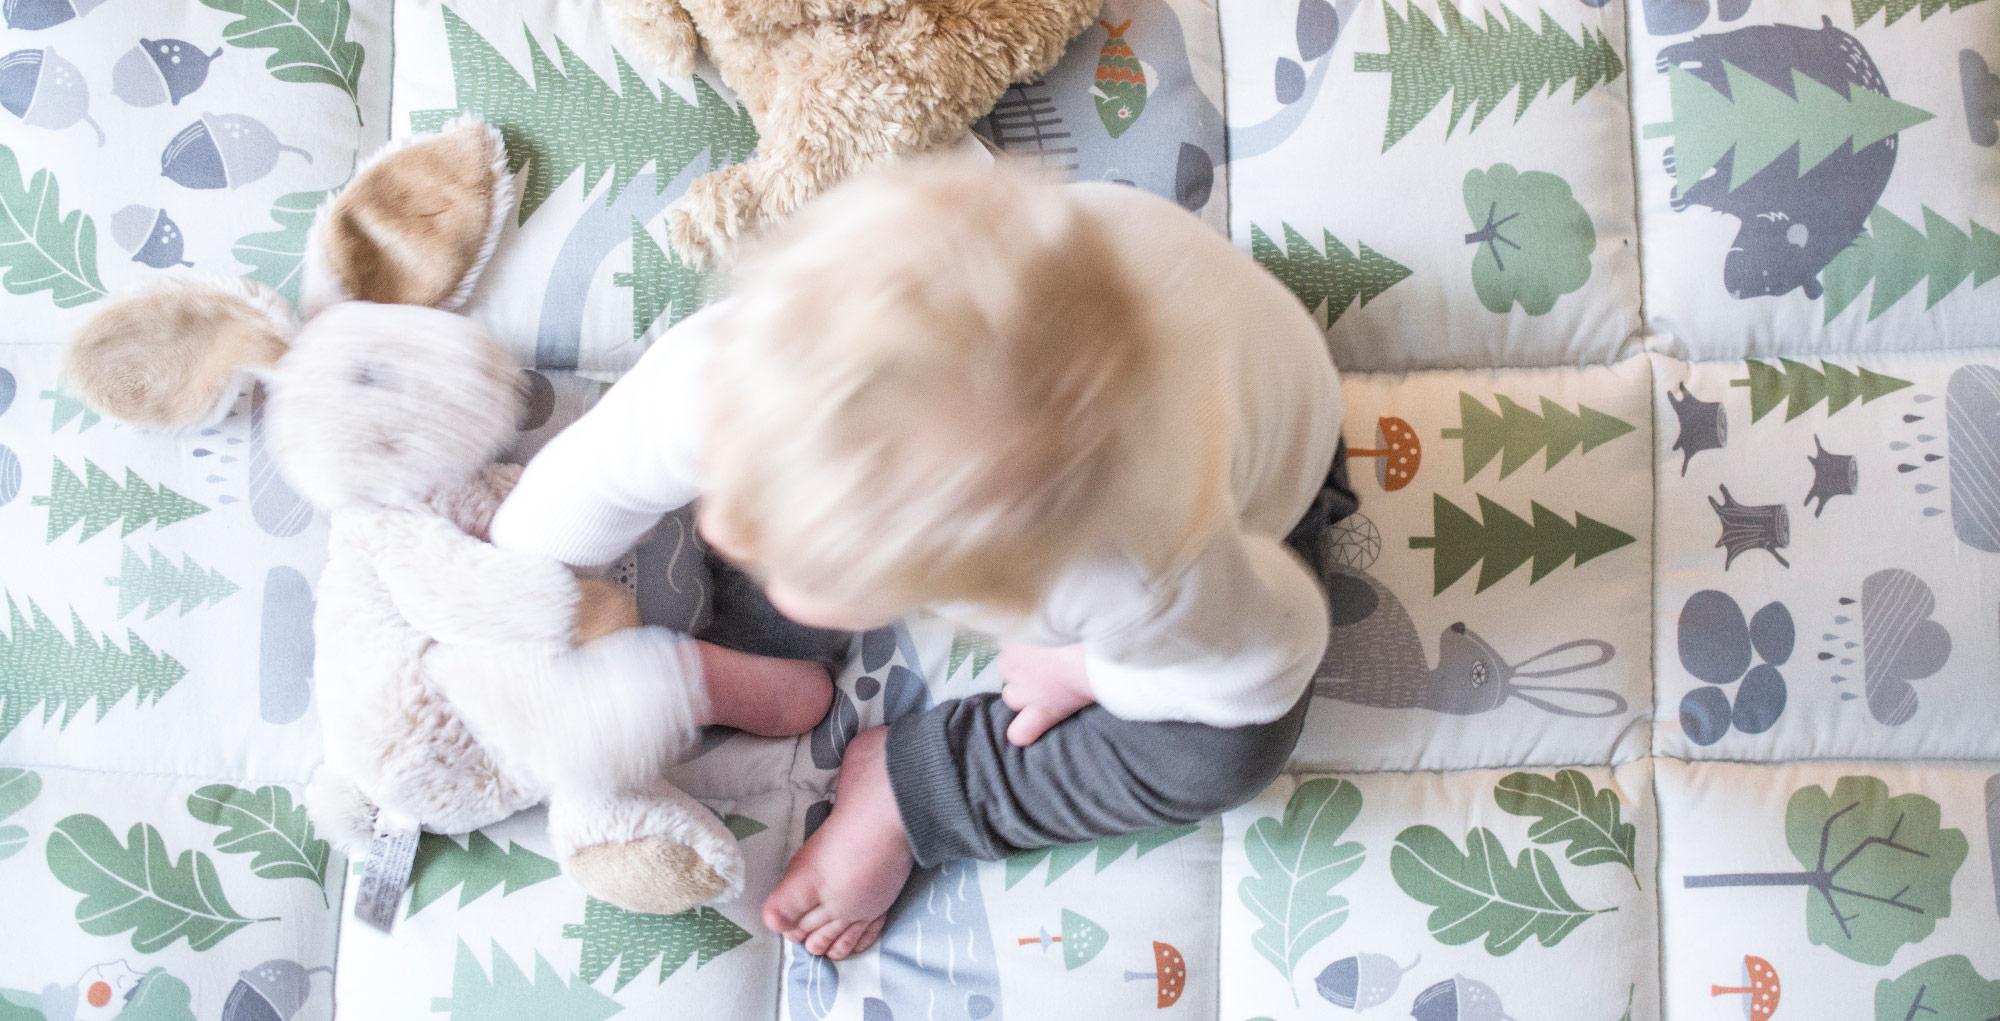 Babyfilt doppresent bebis pojke